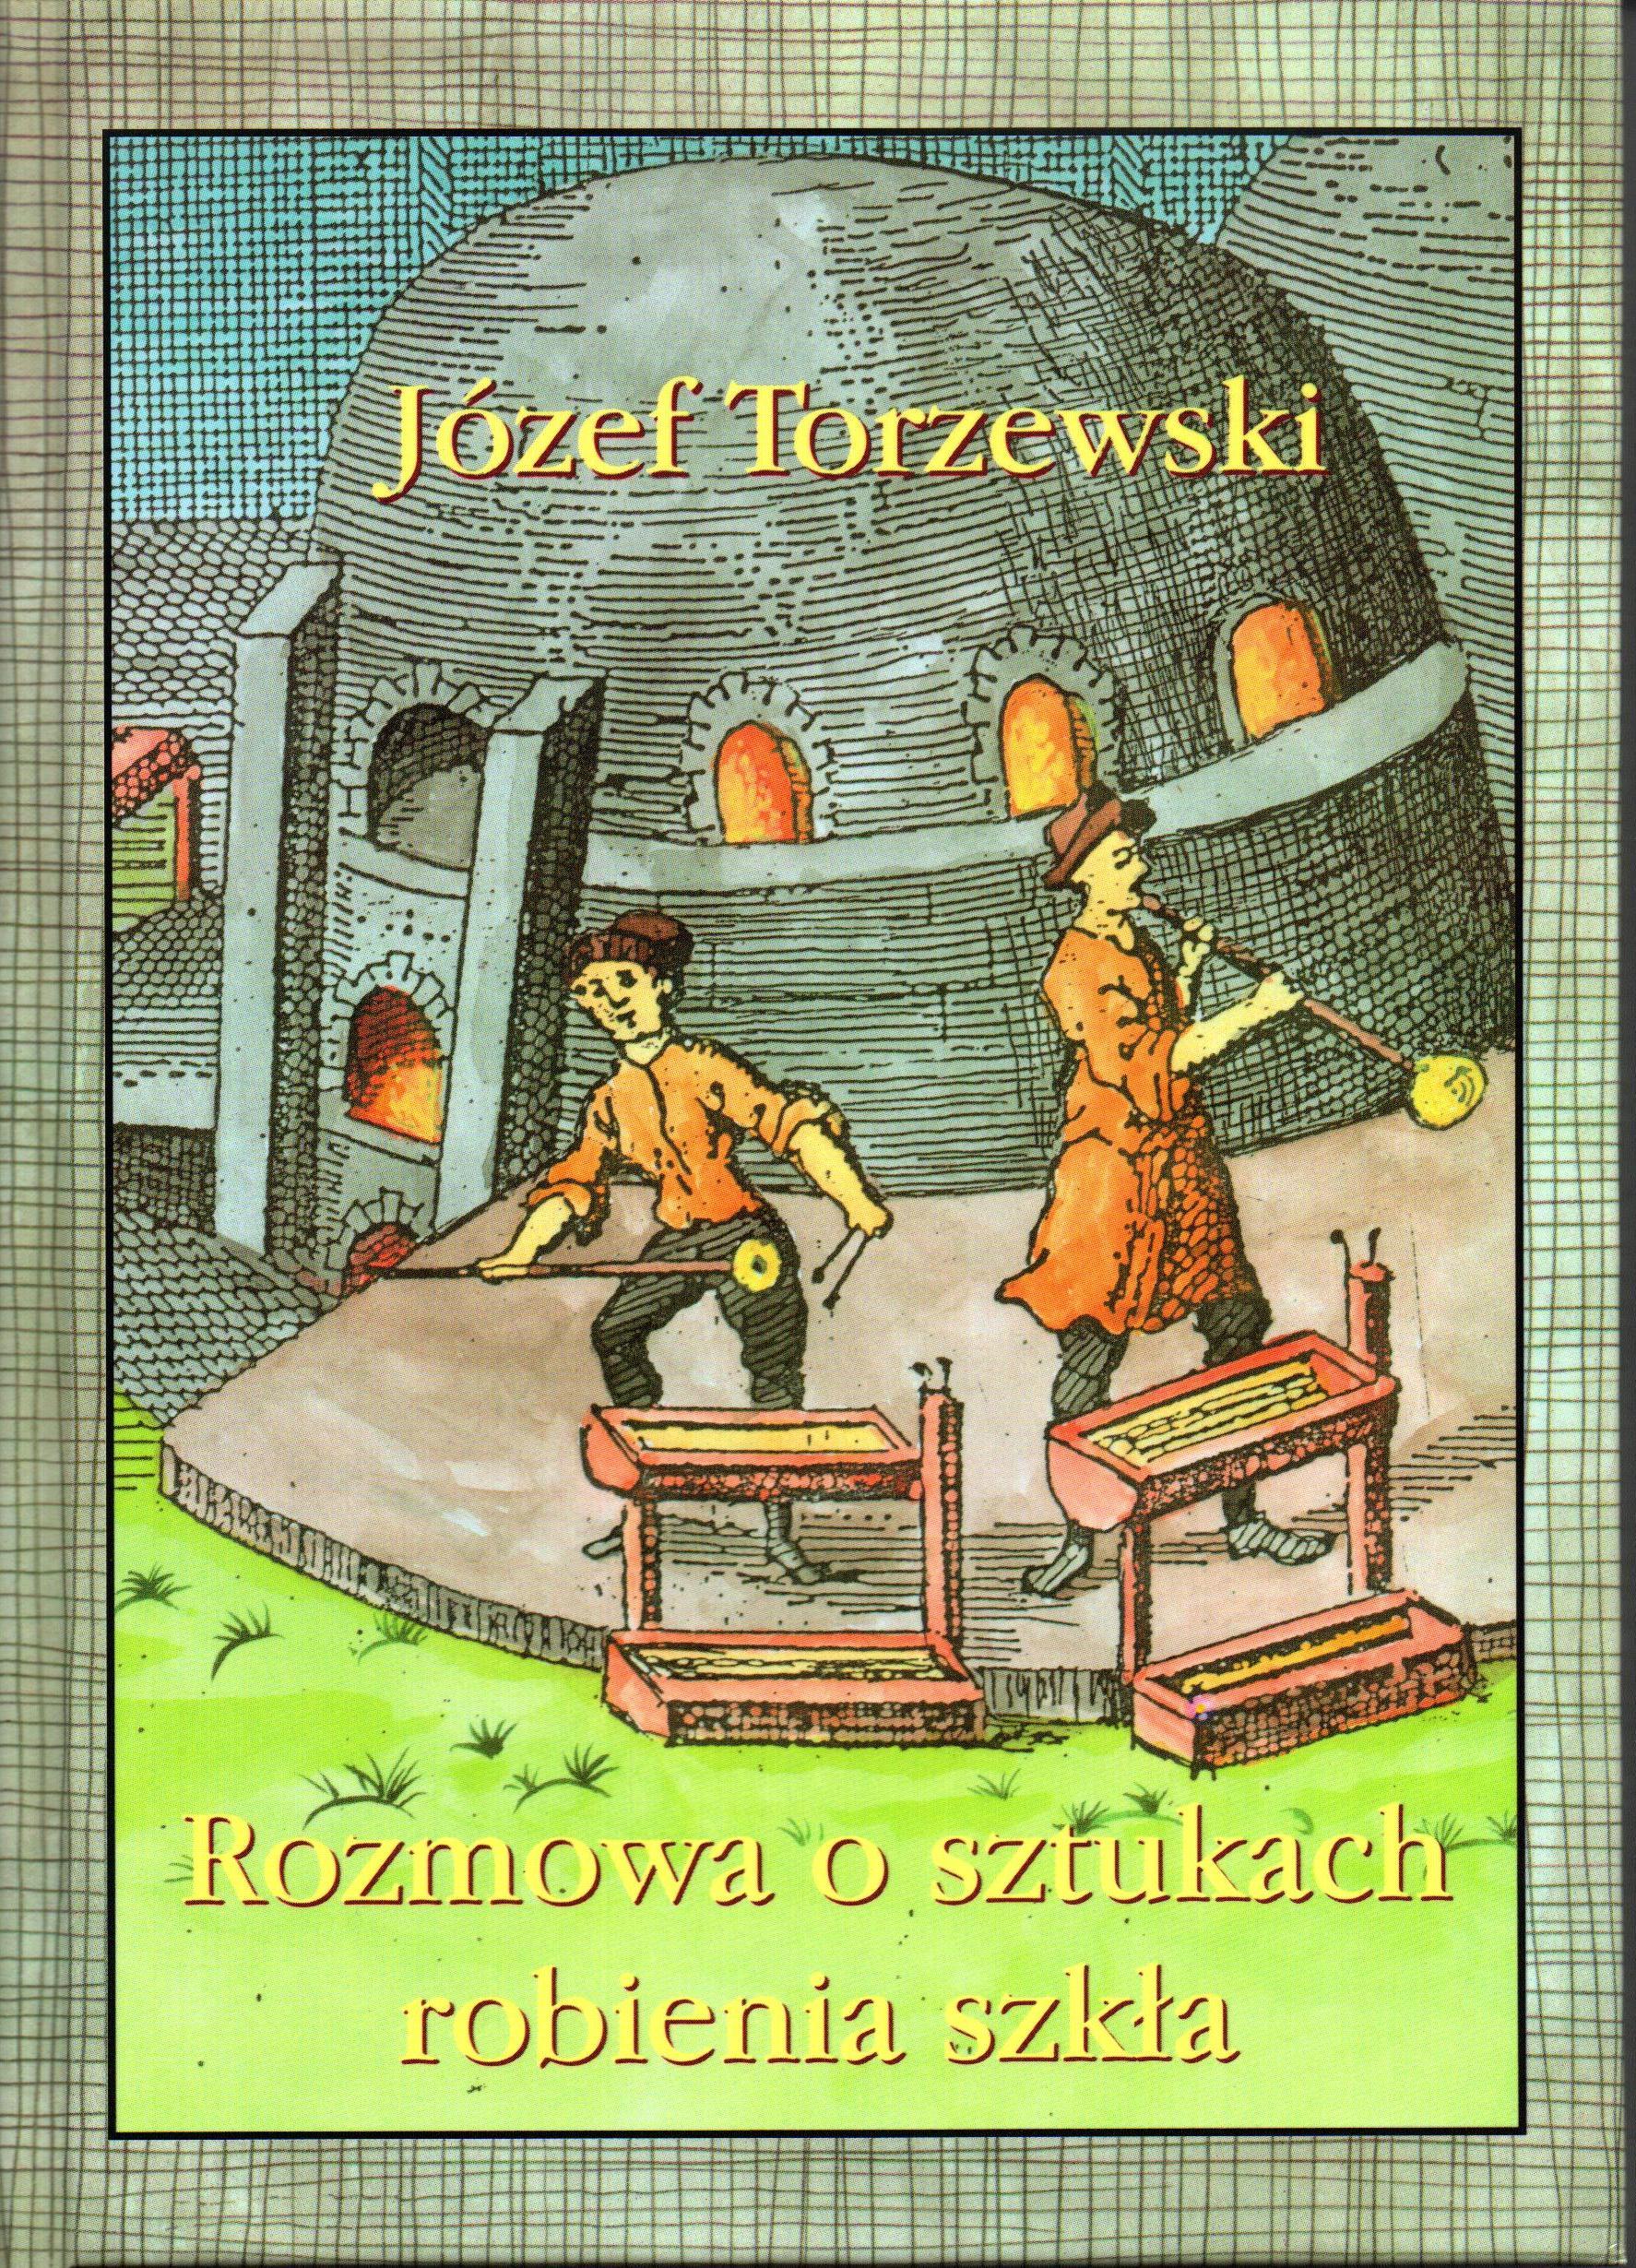 Na grafice przedstawiono rysunkowy obraz dwóch hutników podczas pracy i tytuł książki wraz z autorem